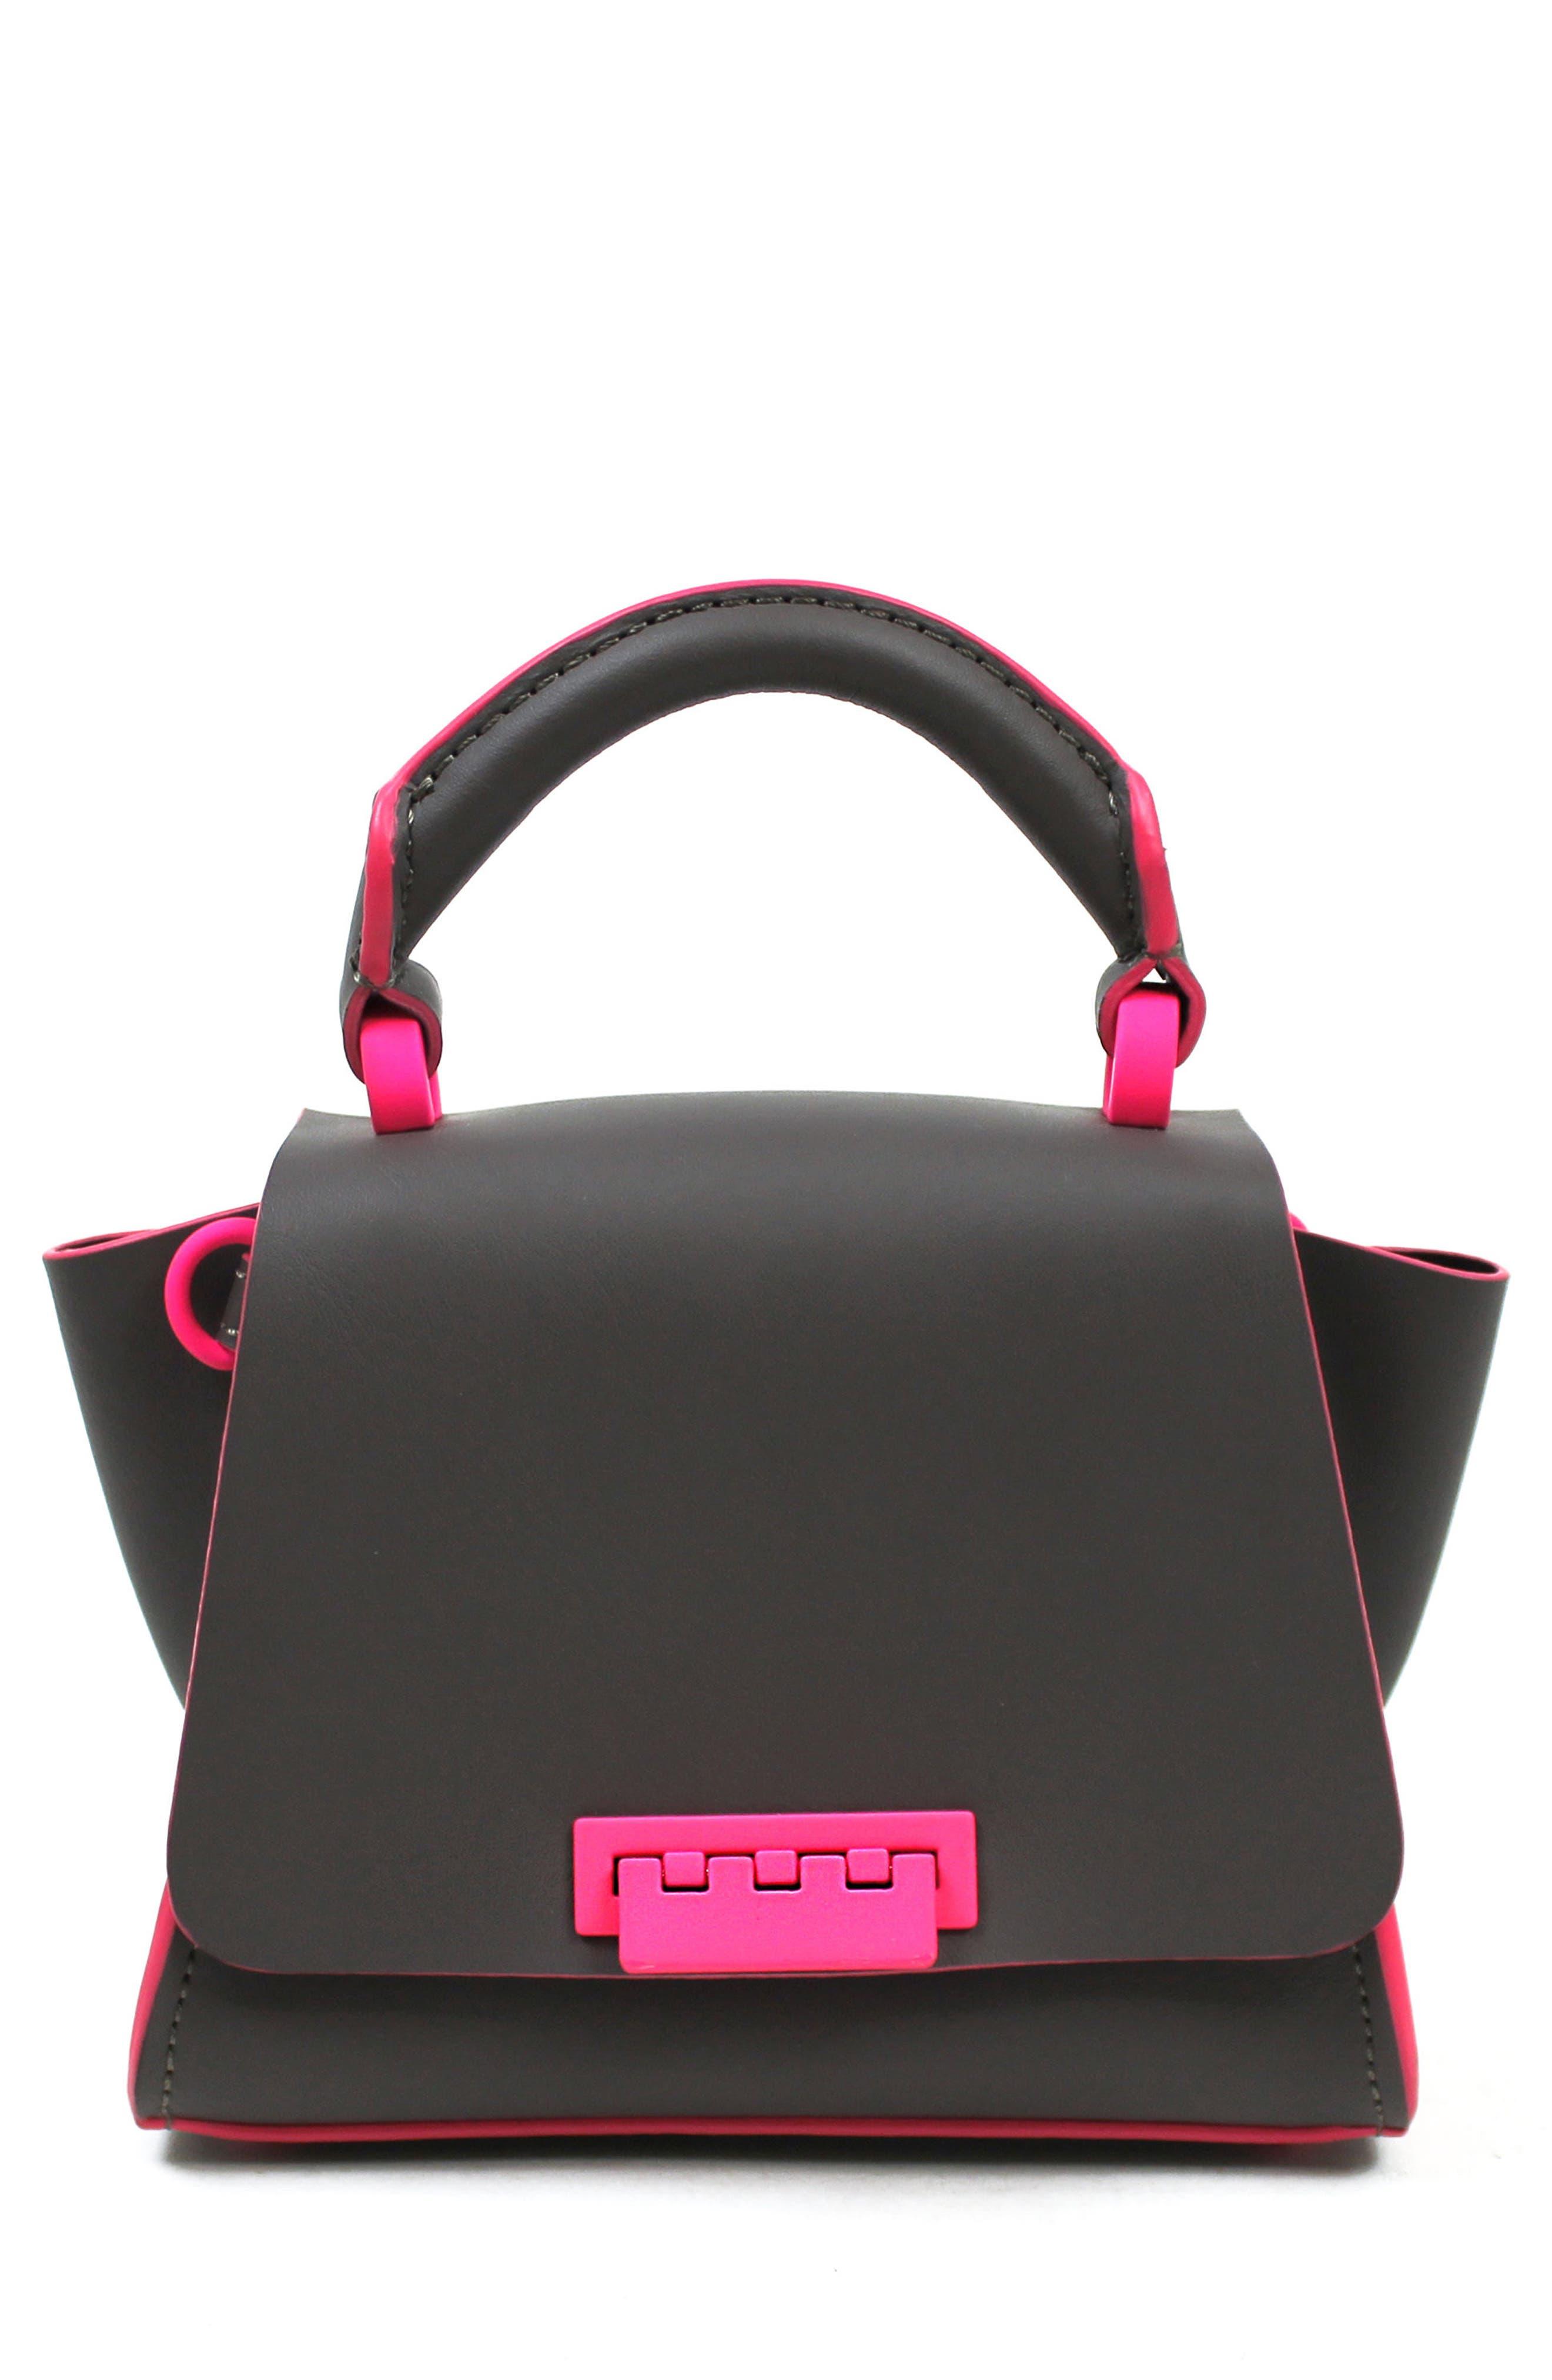 ZAC Zac Posen Eartha Iconic Leather Soft Handle Mini Bag